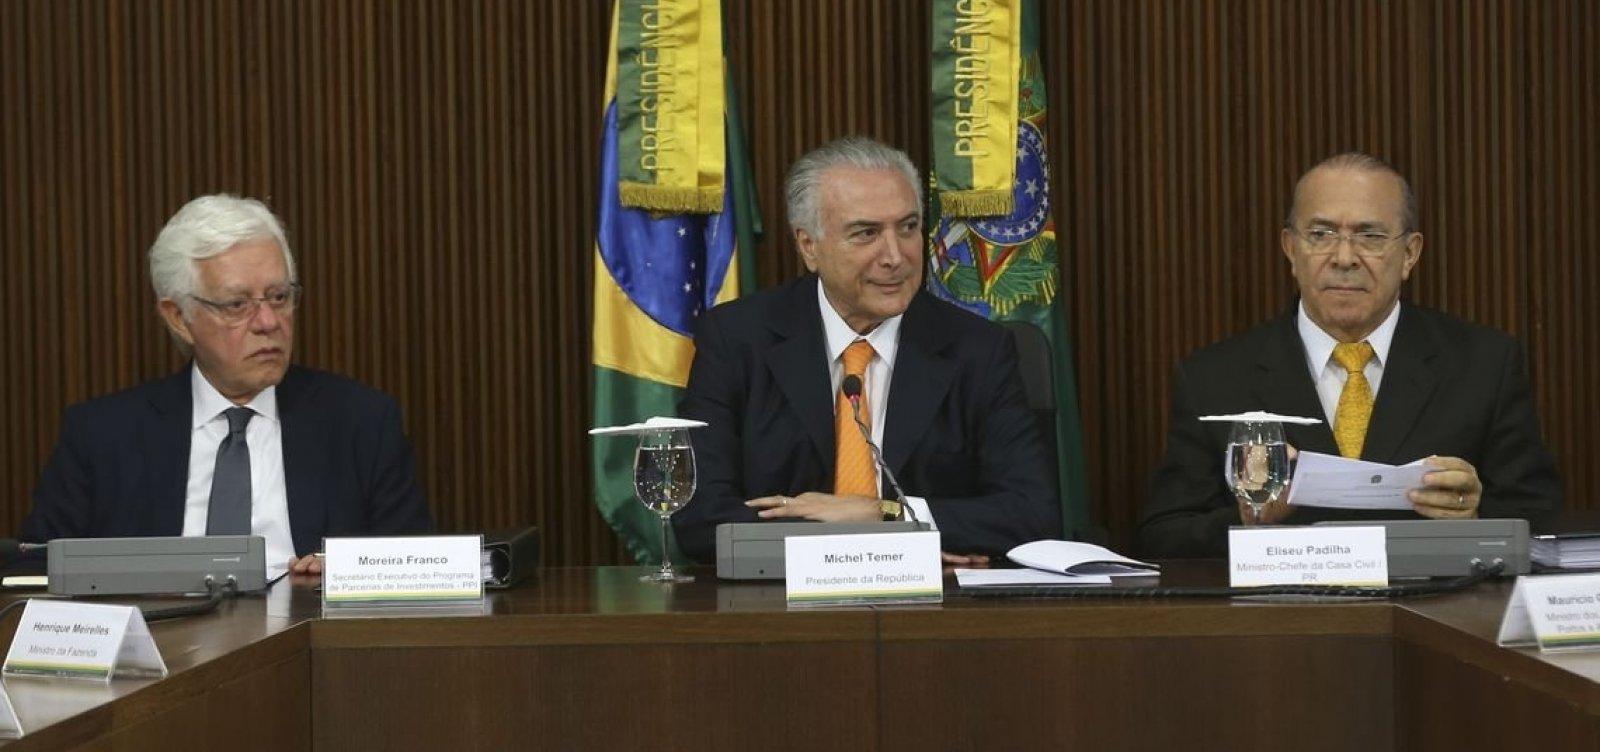 Temer e ministros são chamados a depor sobre esquema criminoso na Petrobras